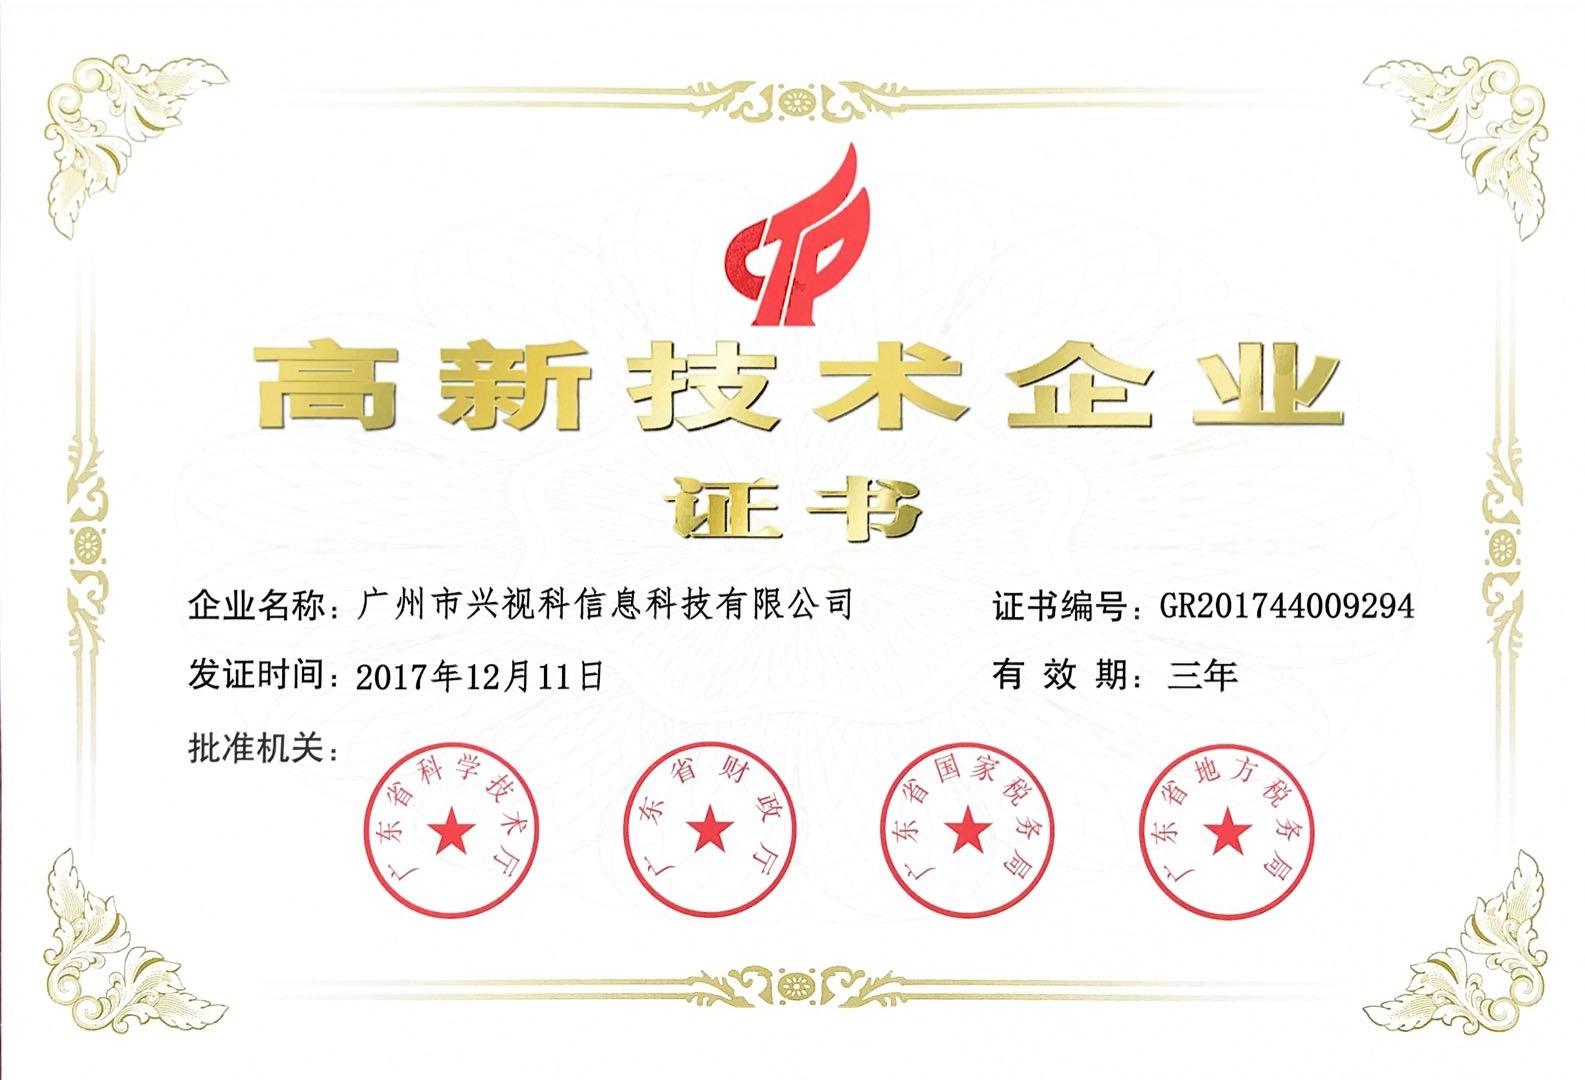 【公示】广州兴视科通过广东省2020年第二批拟认定高新技术企业